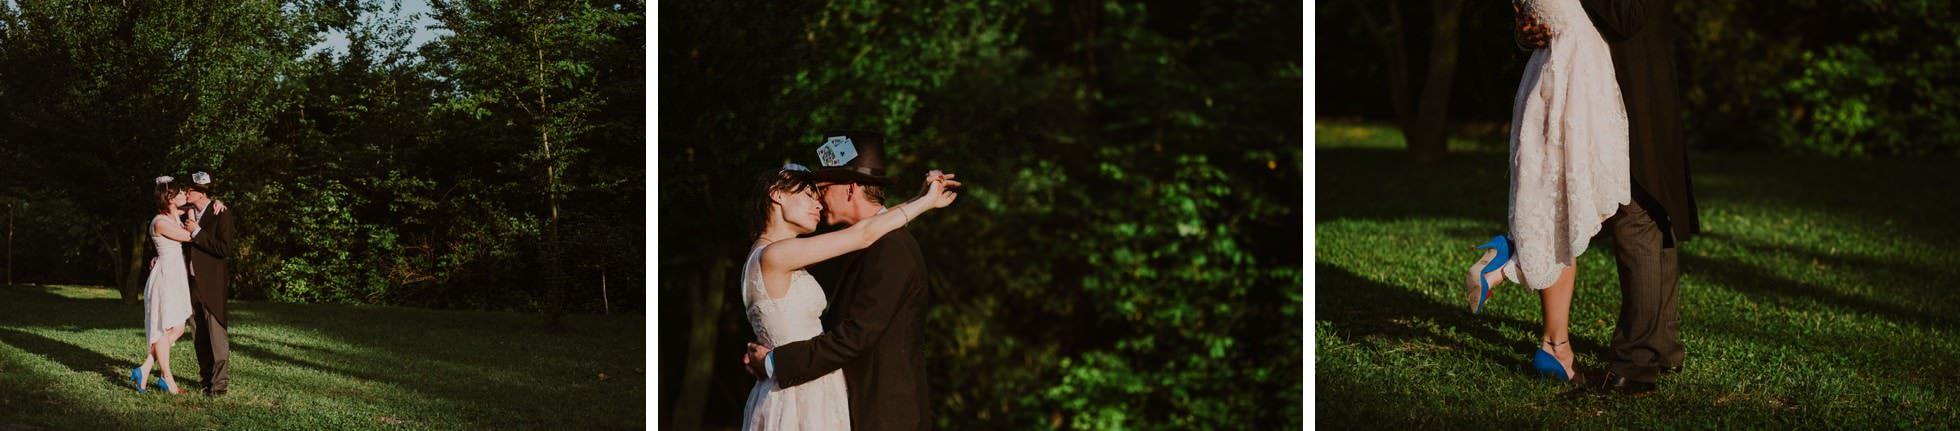 fotografo matrimonio mulino dell'olio